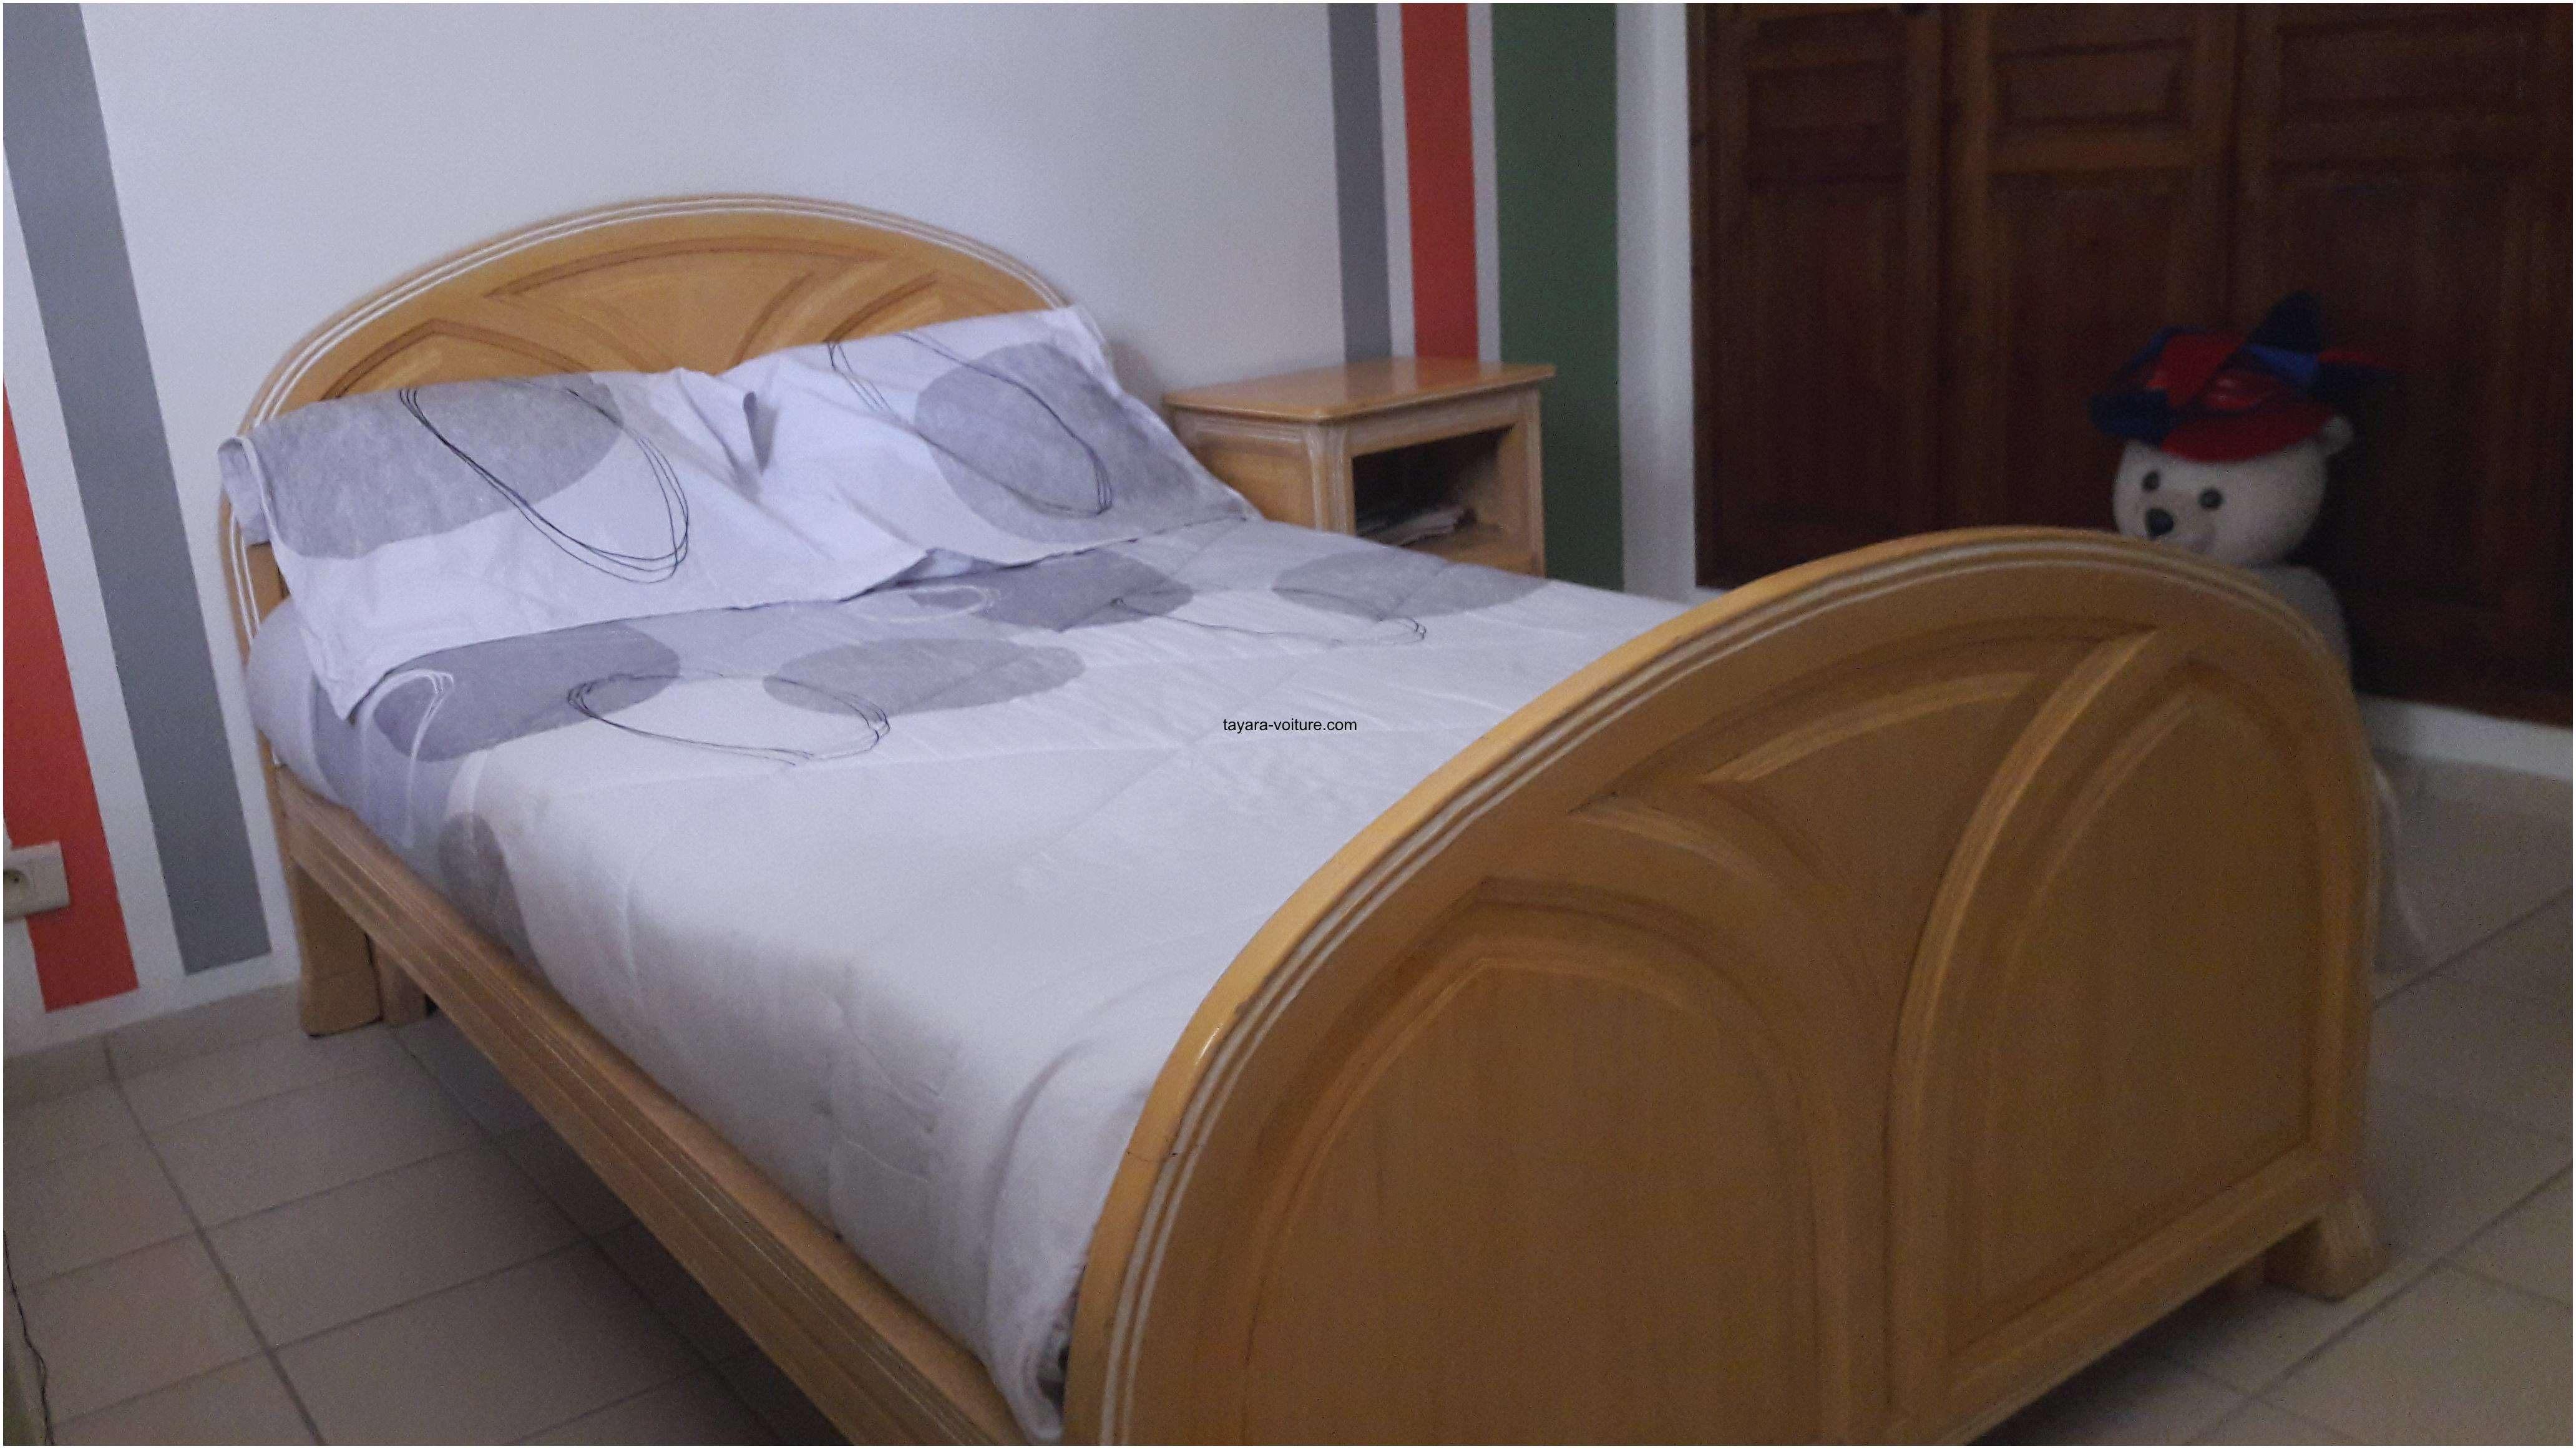 Alinea Canape Lit Beau Impressionnant Chambre A Coucher Ikea Banquette Lit Bz Génial Bz